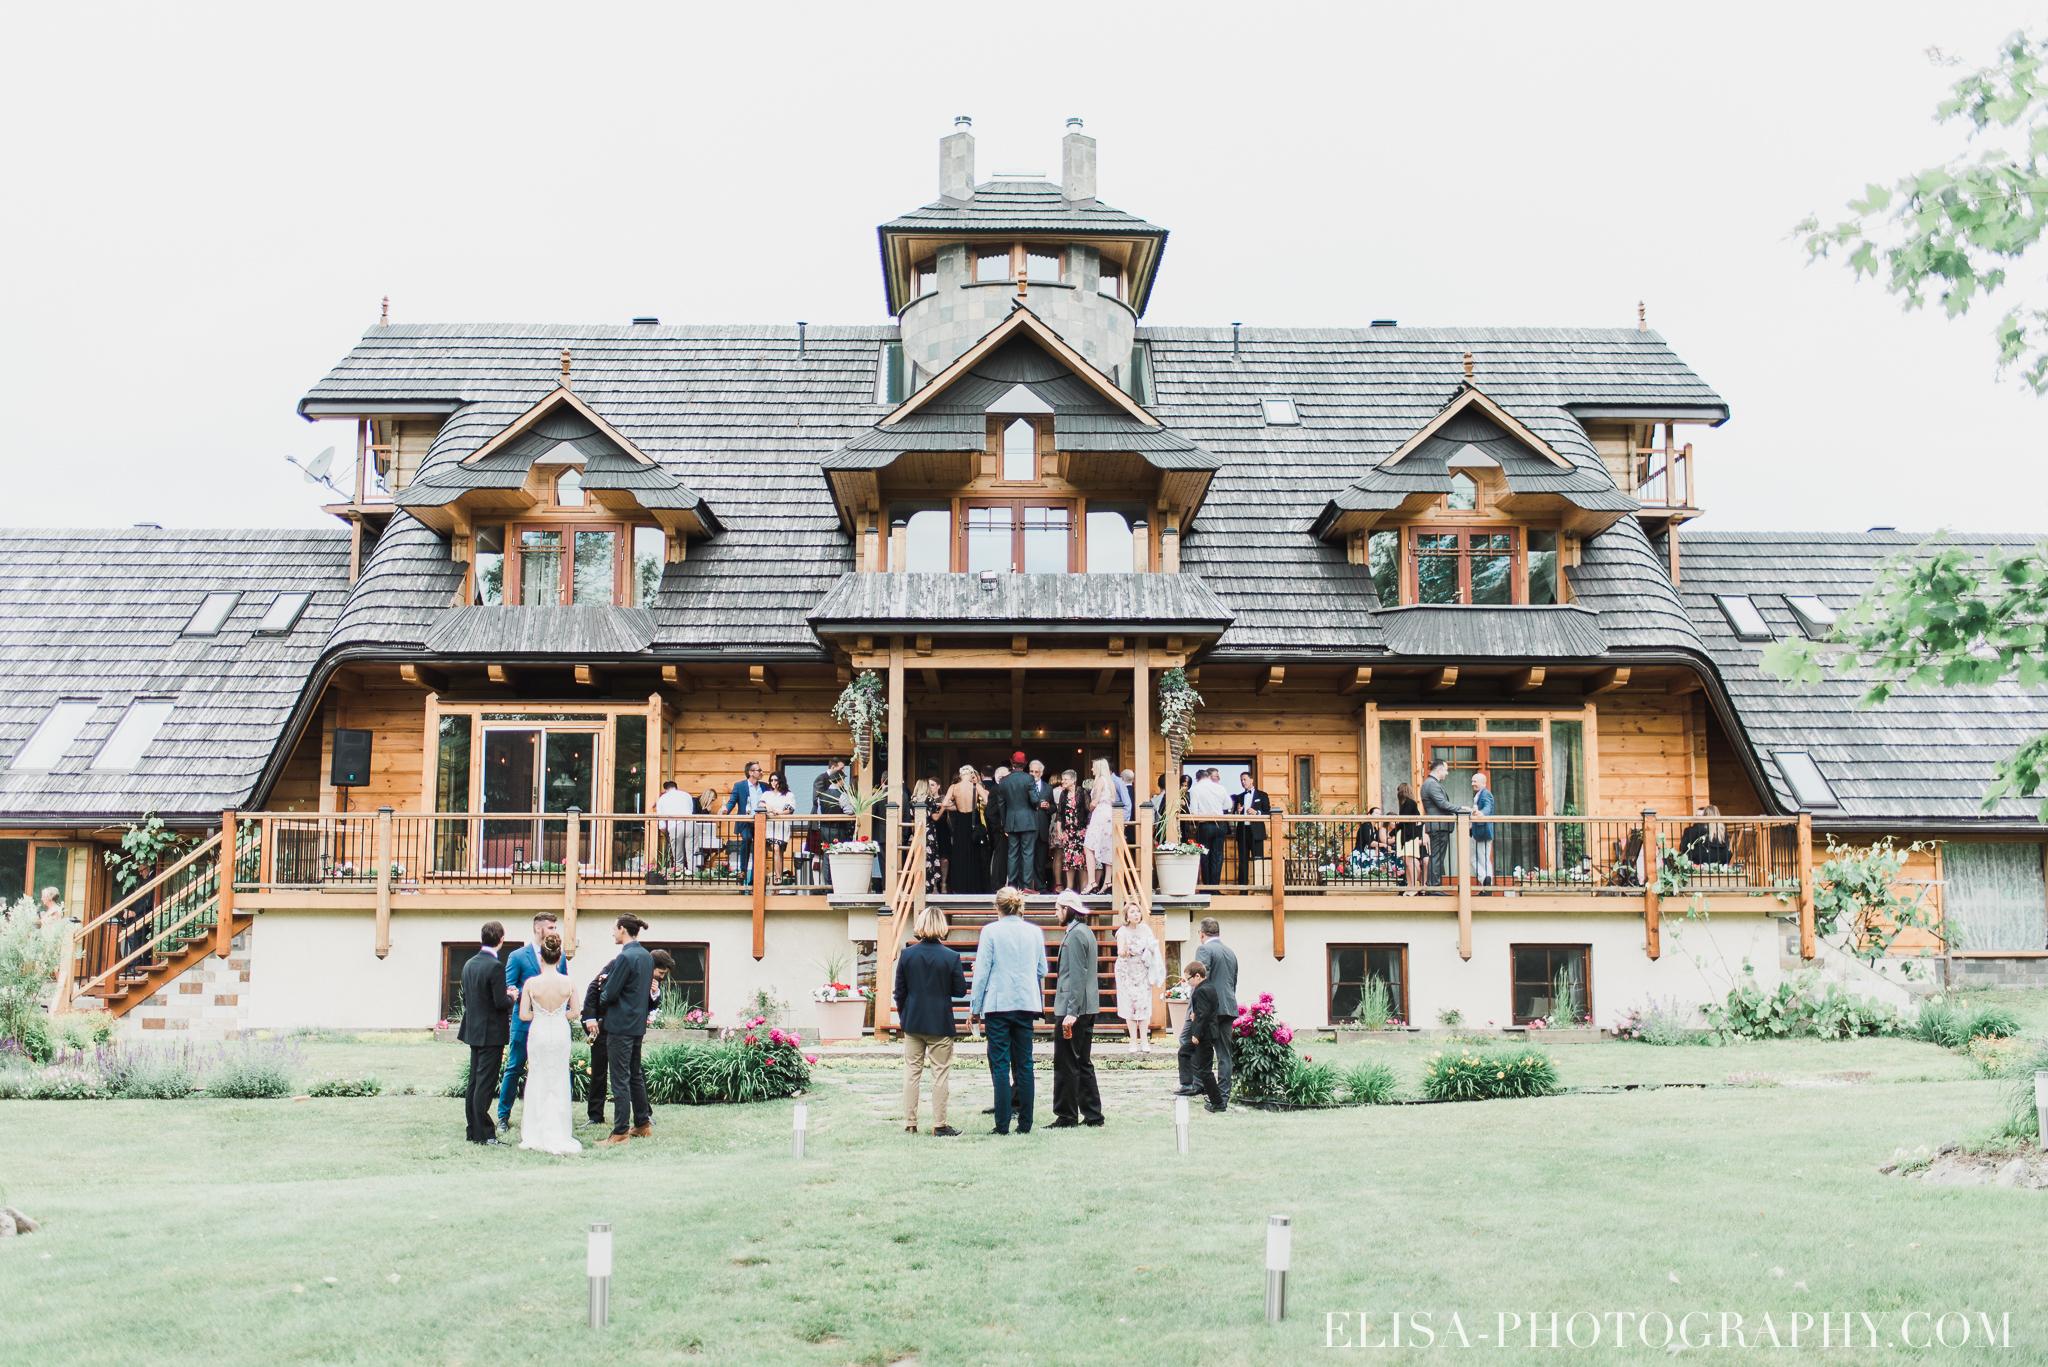 photo mariage a la montagne domaine tomali maniatin cocktail hors oeuvre demoiselles honneur bouquets pivoines 6712 - Mariage à la montagne au domaine Tomali-Maniatyn